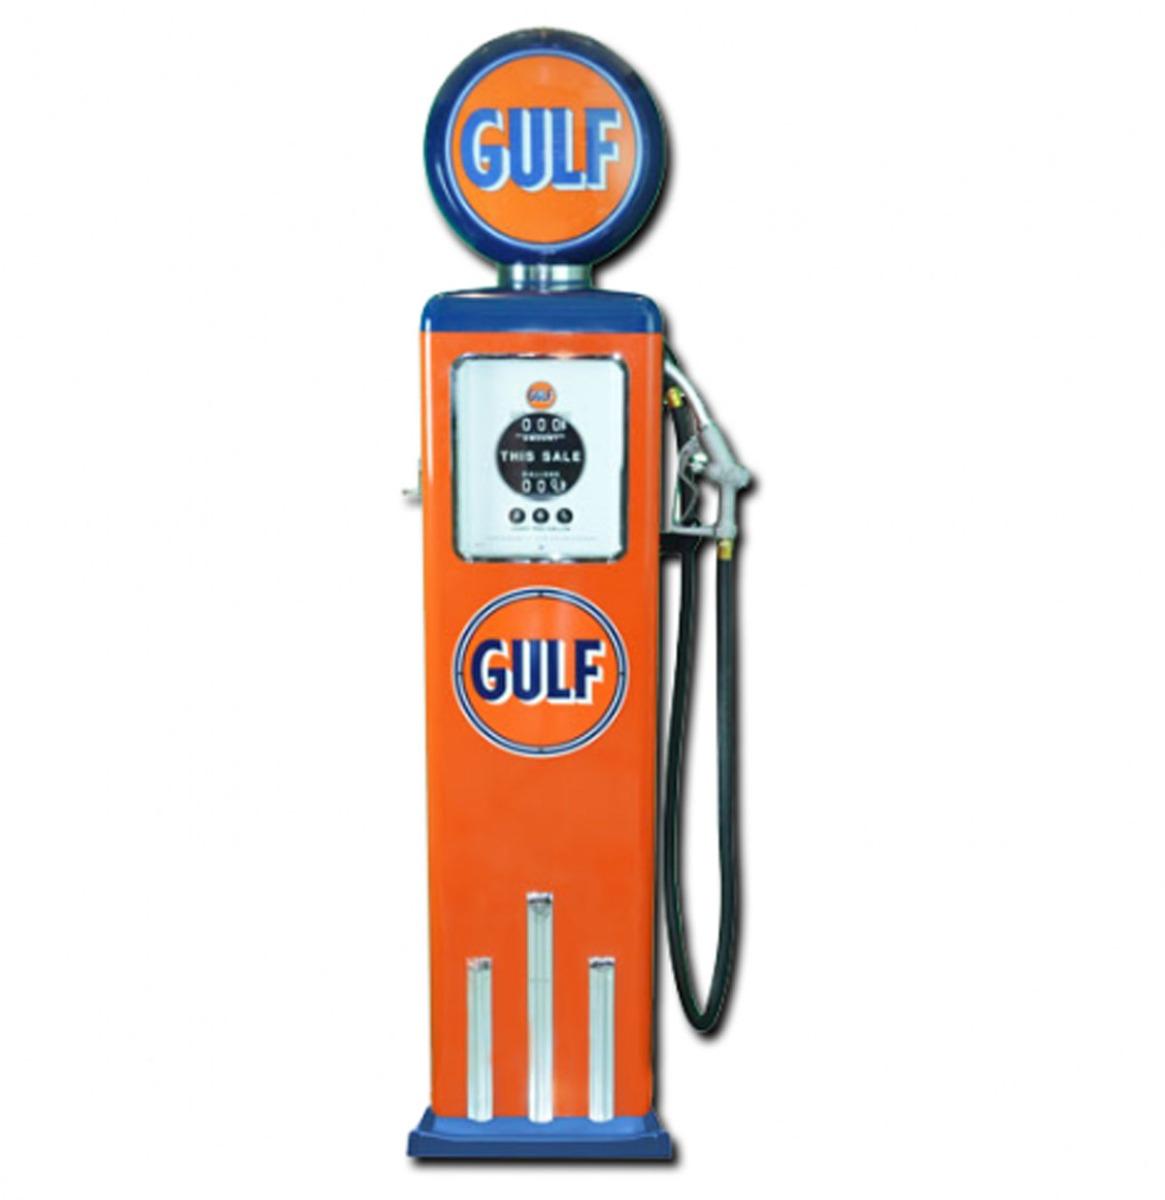 Gulf 8 Ball Elektrische Benzinepomp Met Voet - Oranje & Blauw - Reproductie